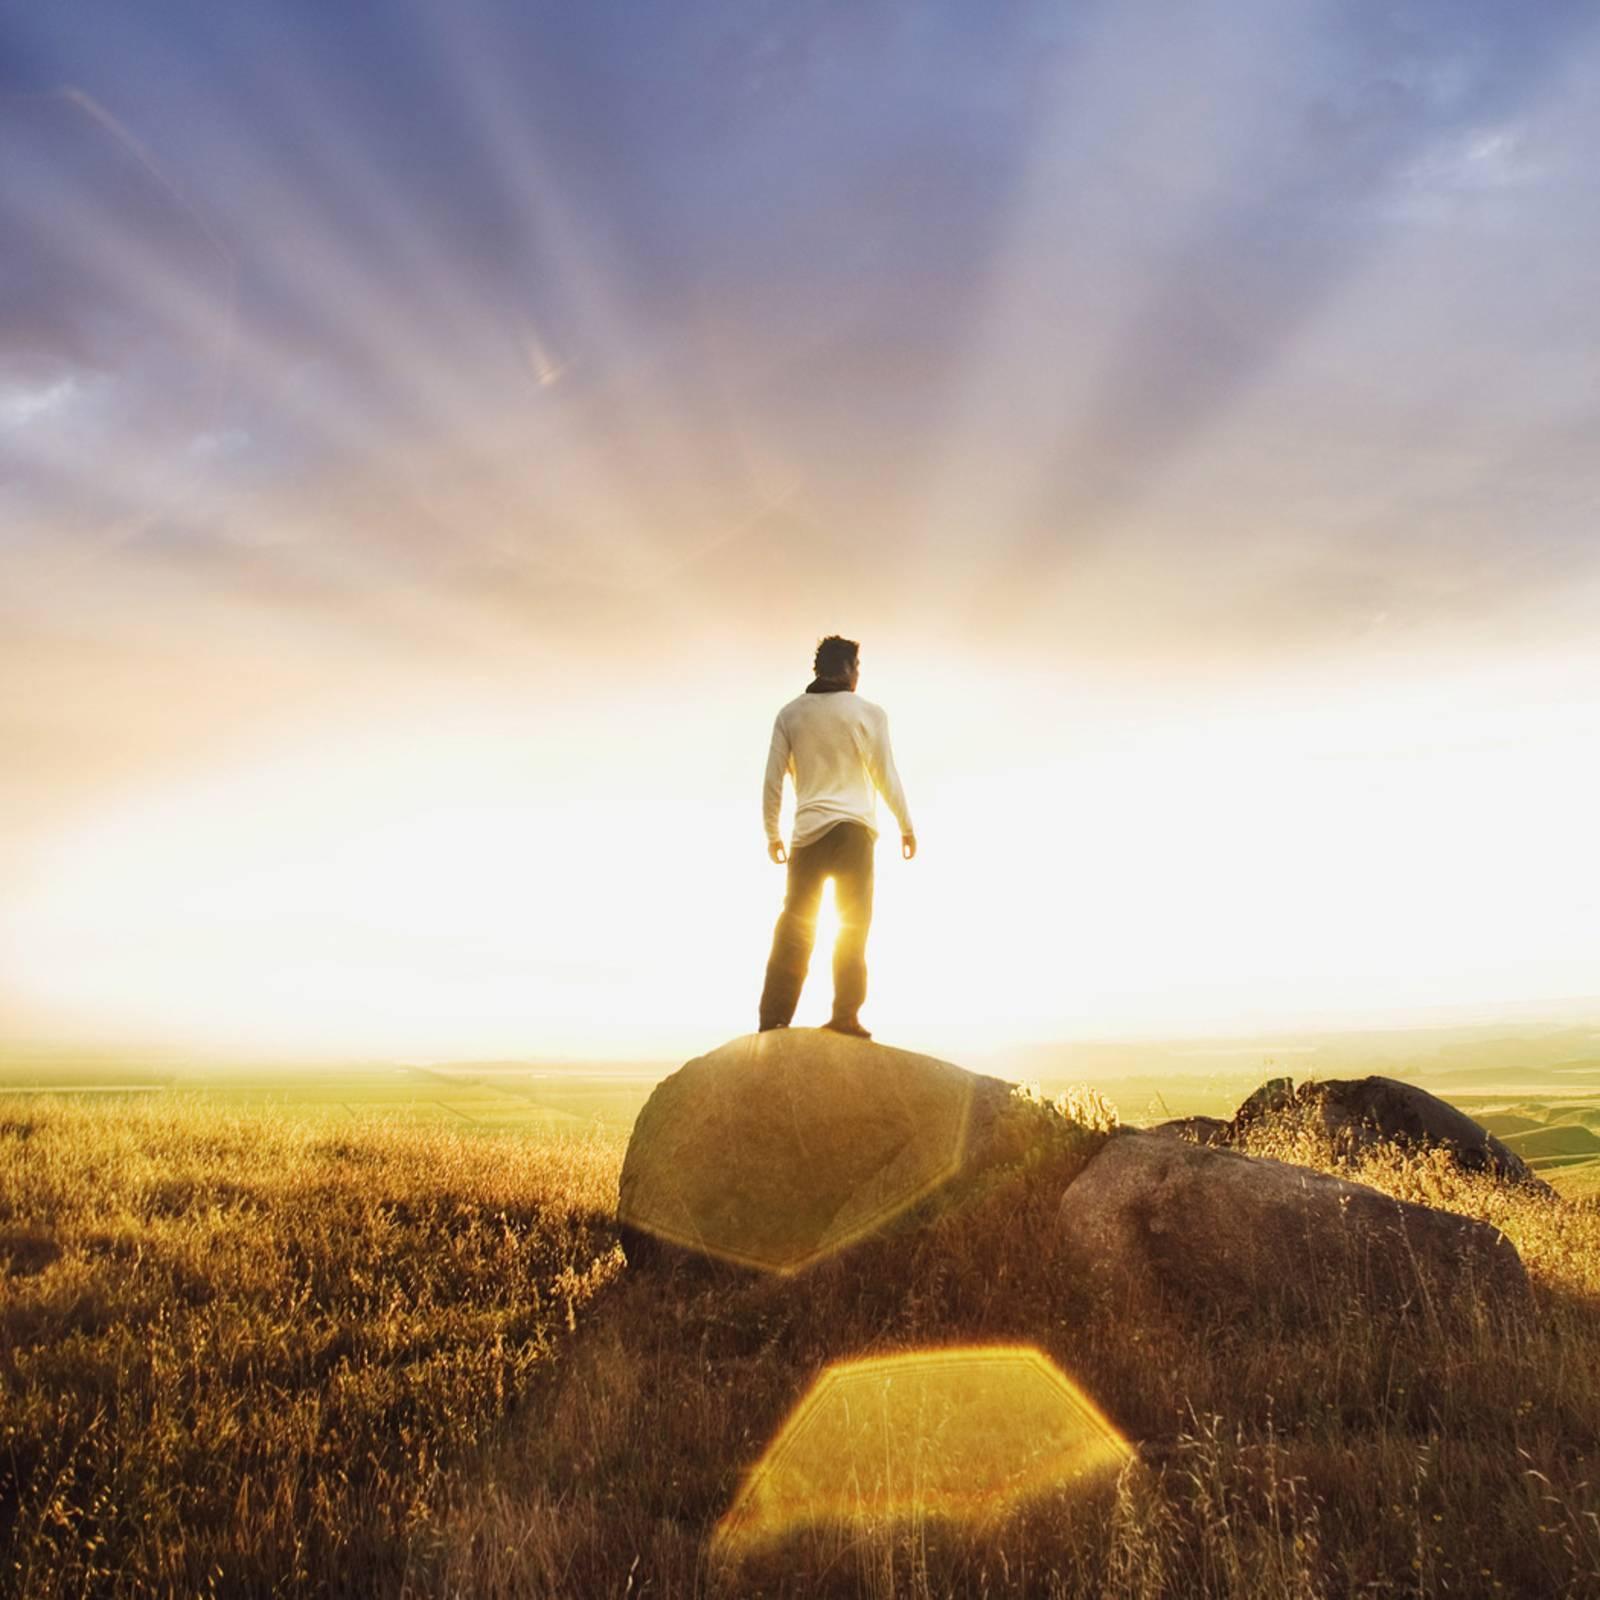 Жизненный потенциал человека и задачи рус (текст №13 из цикла «путь к разуму») - 18 октября 2020 - дневник